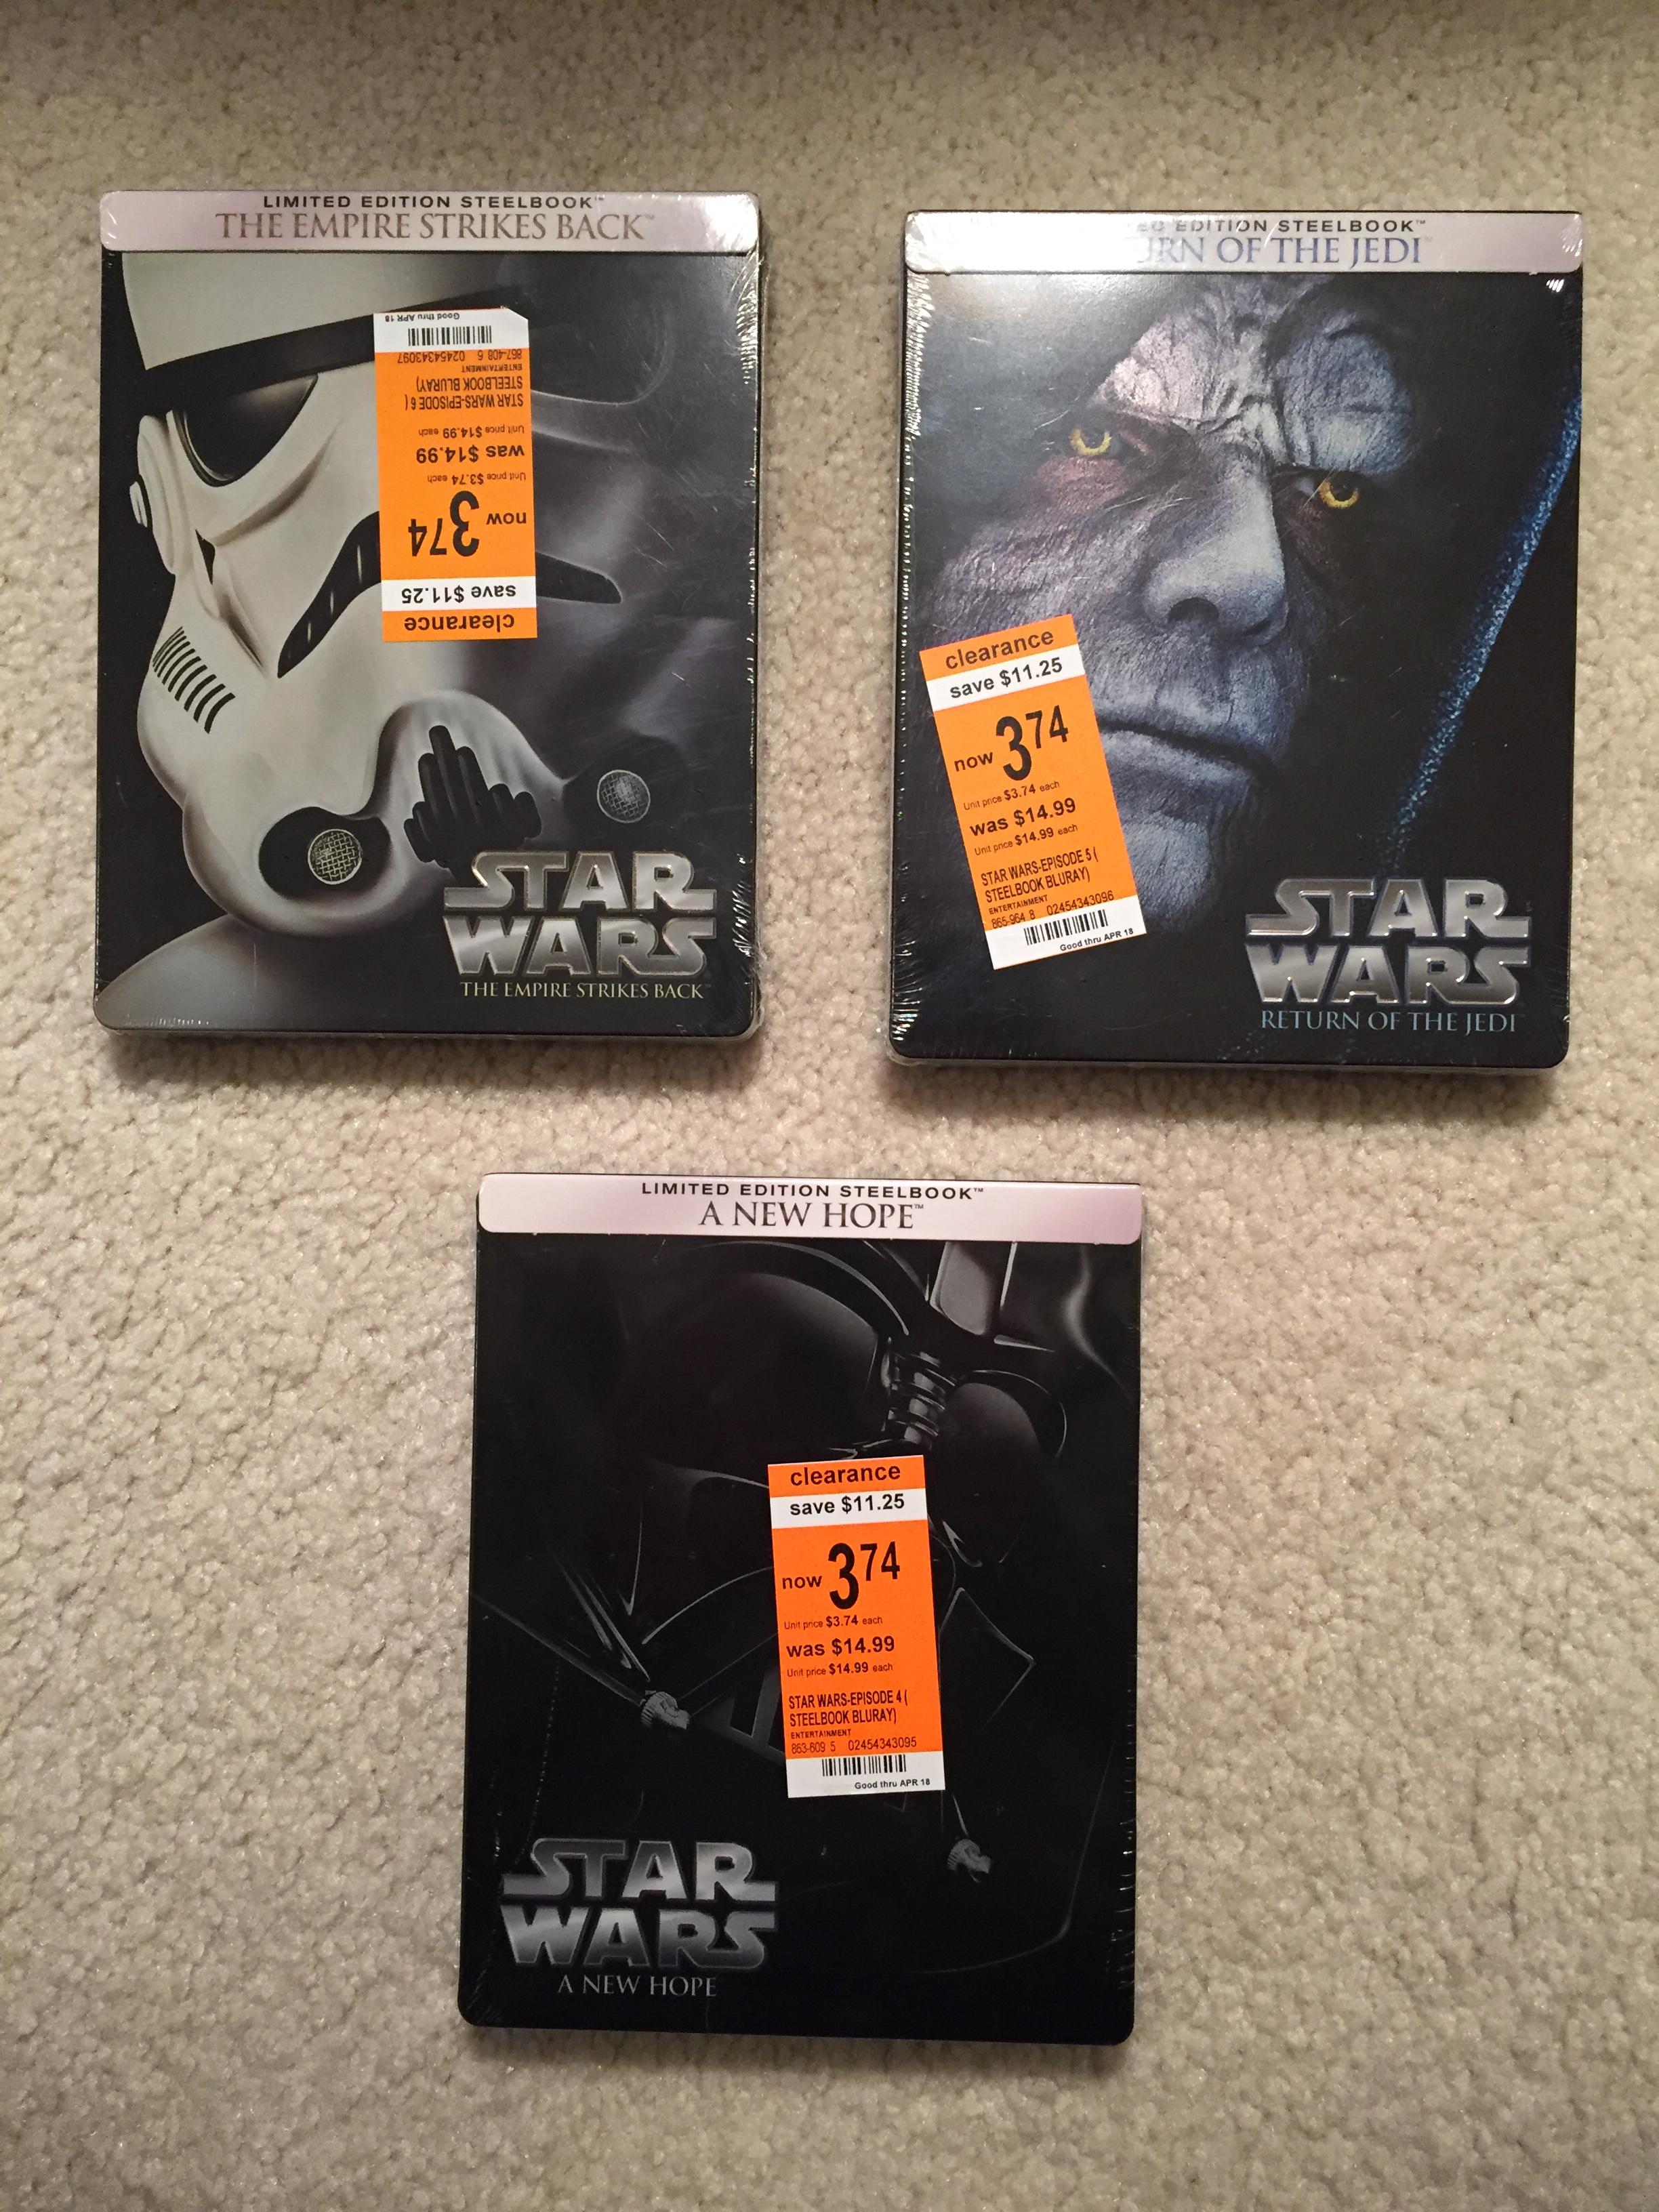 Star Wars Bluray Steelbooks - $3.74 Each On Clearance at Walgreens B&M - YMMV